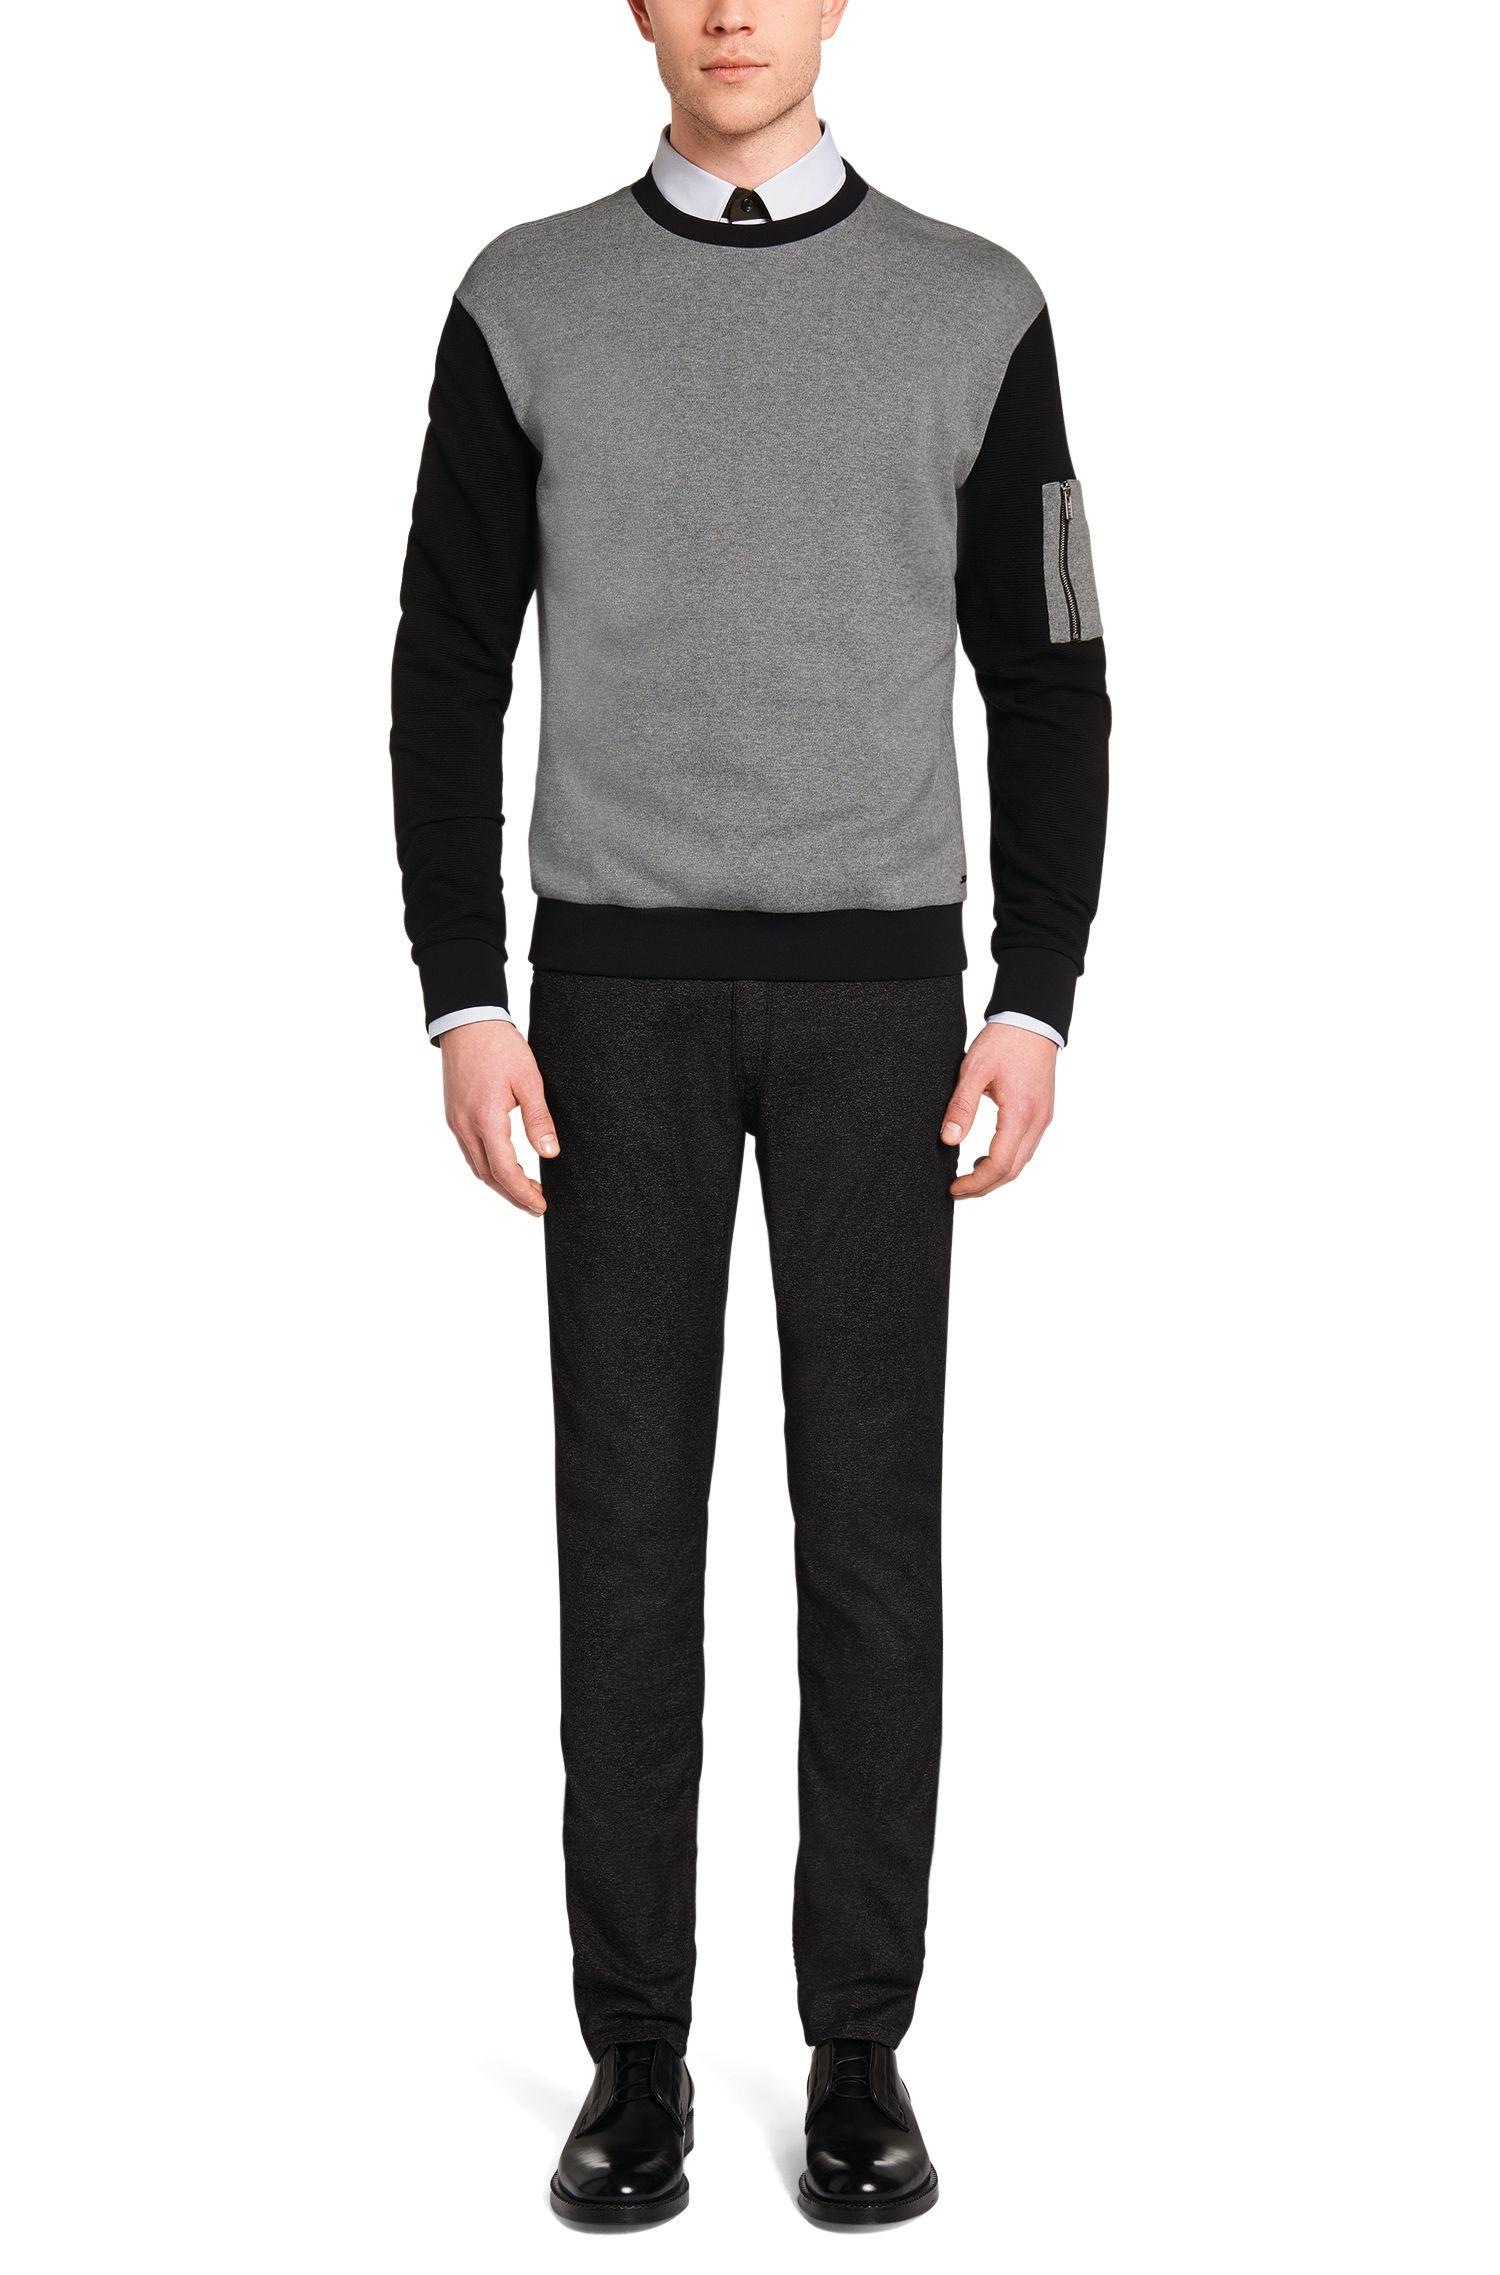 Zweifarbiges Loose-Fit Sweatshirt aus Baumwolle: 'Danremo'